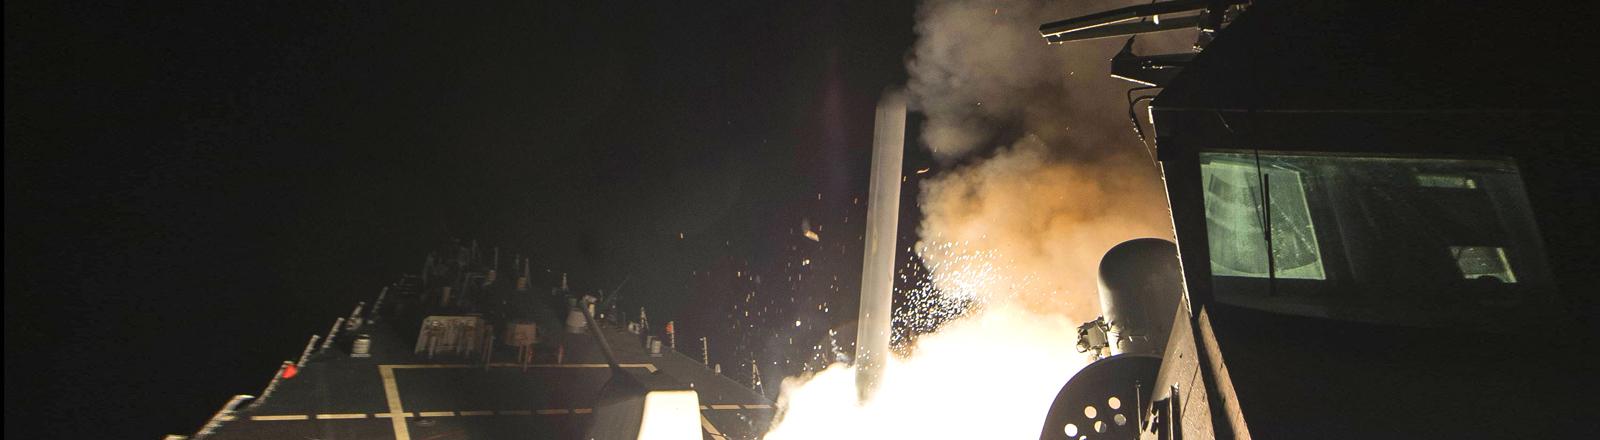 Die USS Ross feuert Tomahawk-Raketen ab - Foto veröffentlicht von der US Marine am 07.04.2017